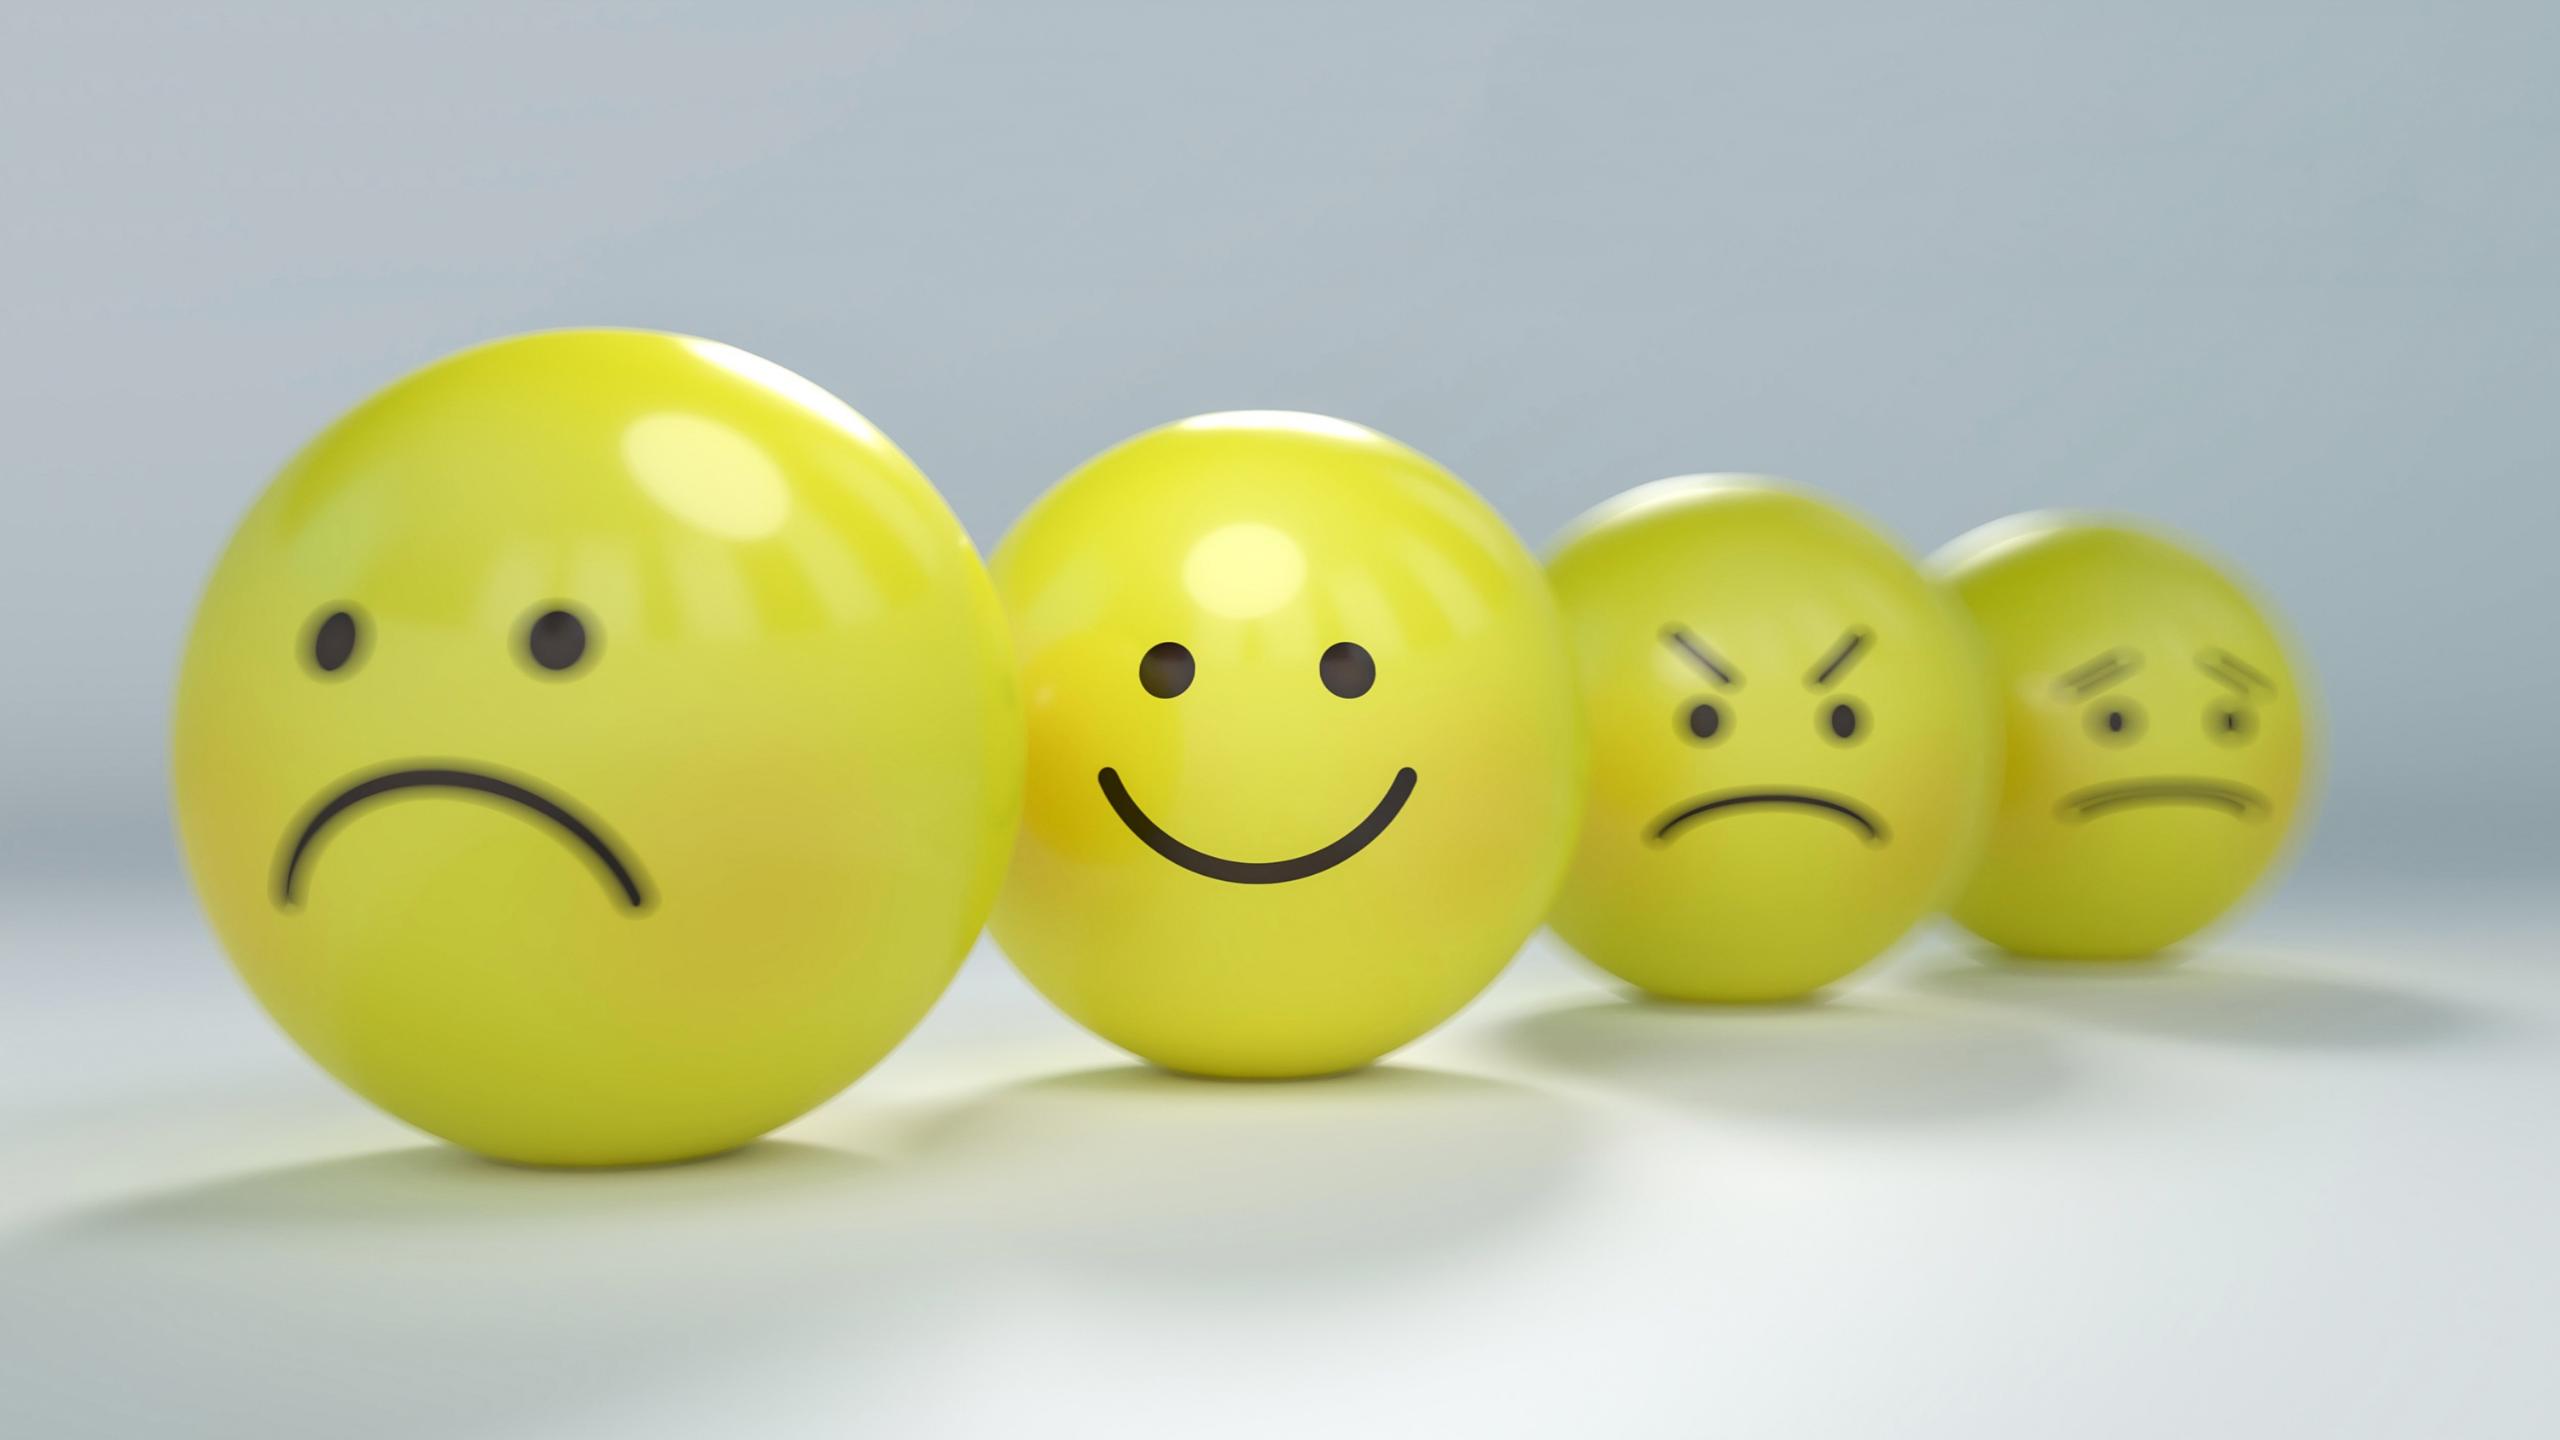 emojis amarelos com variadas expressões ilustrando diversas emoções